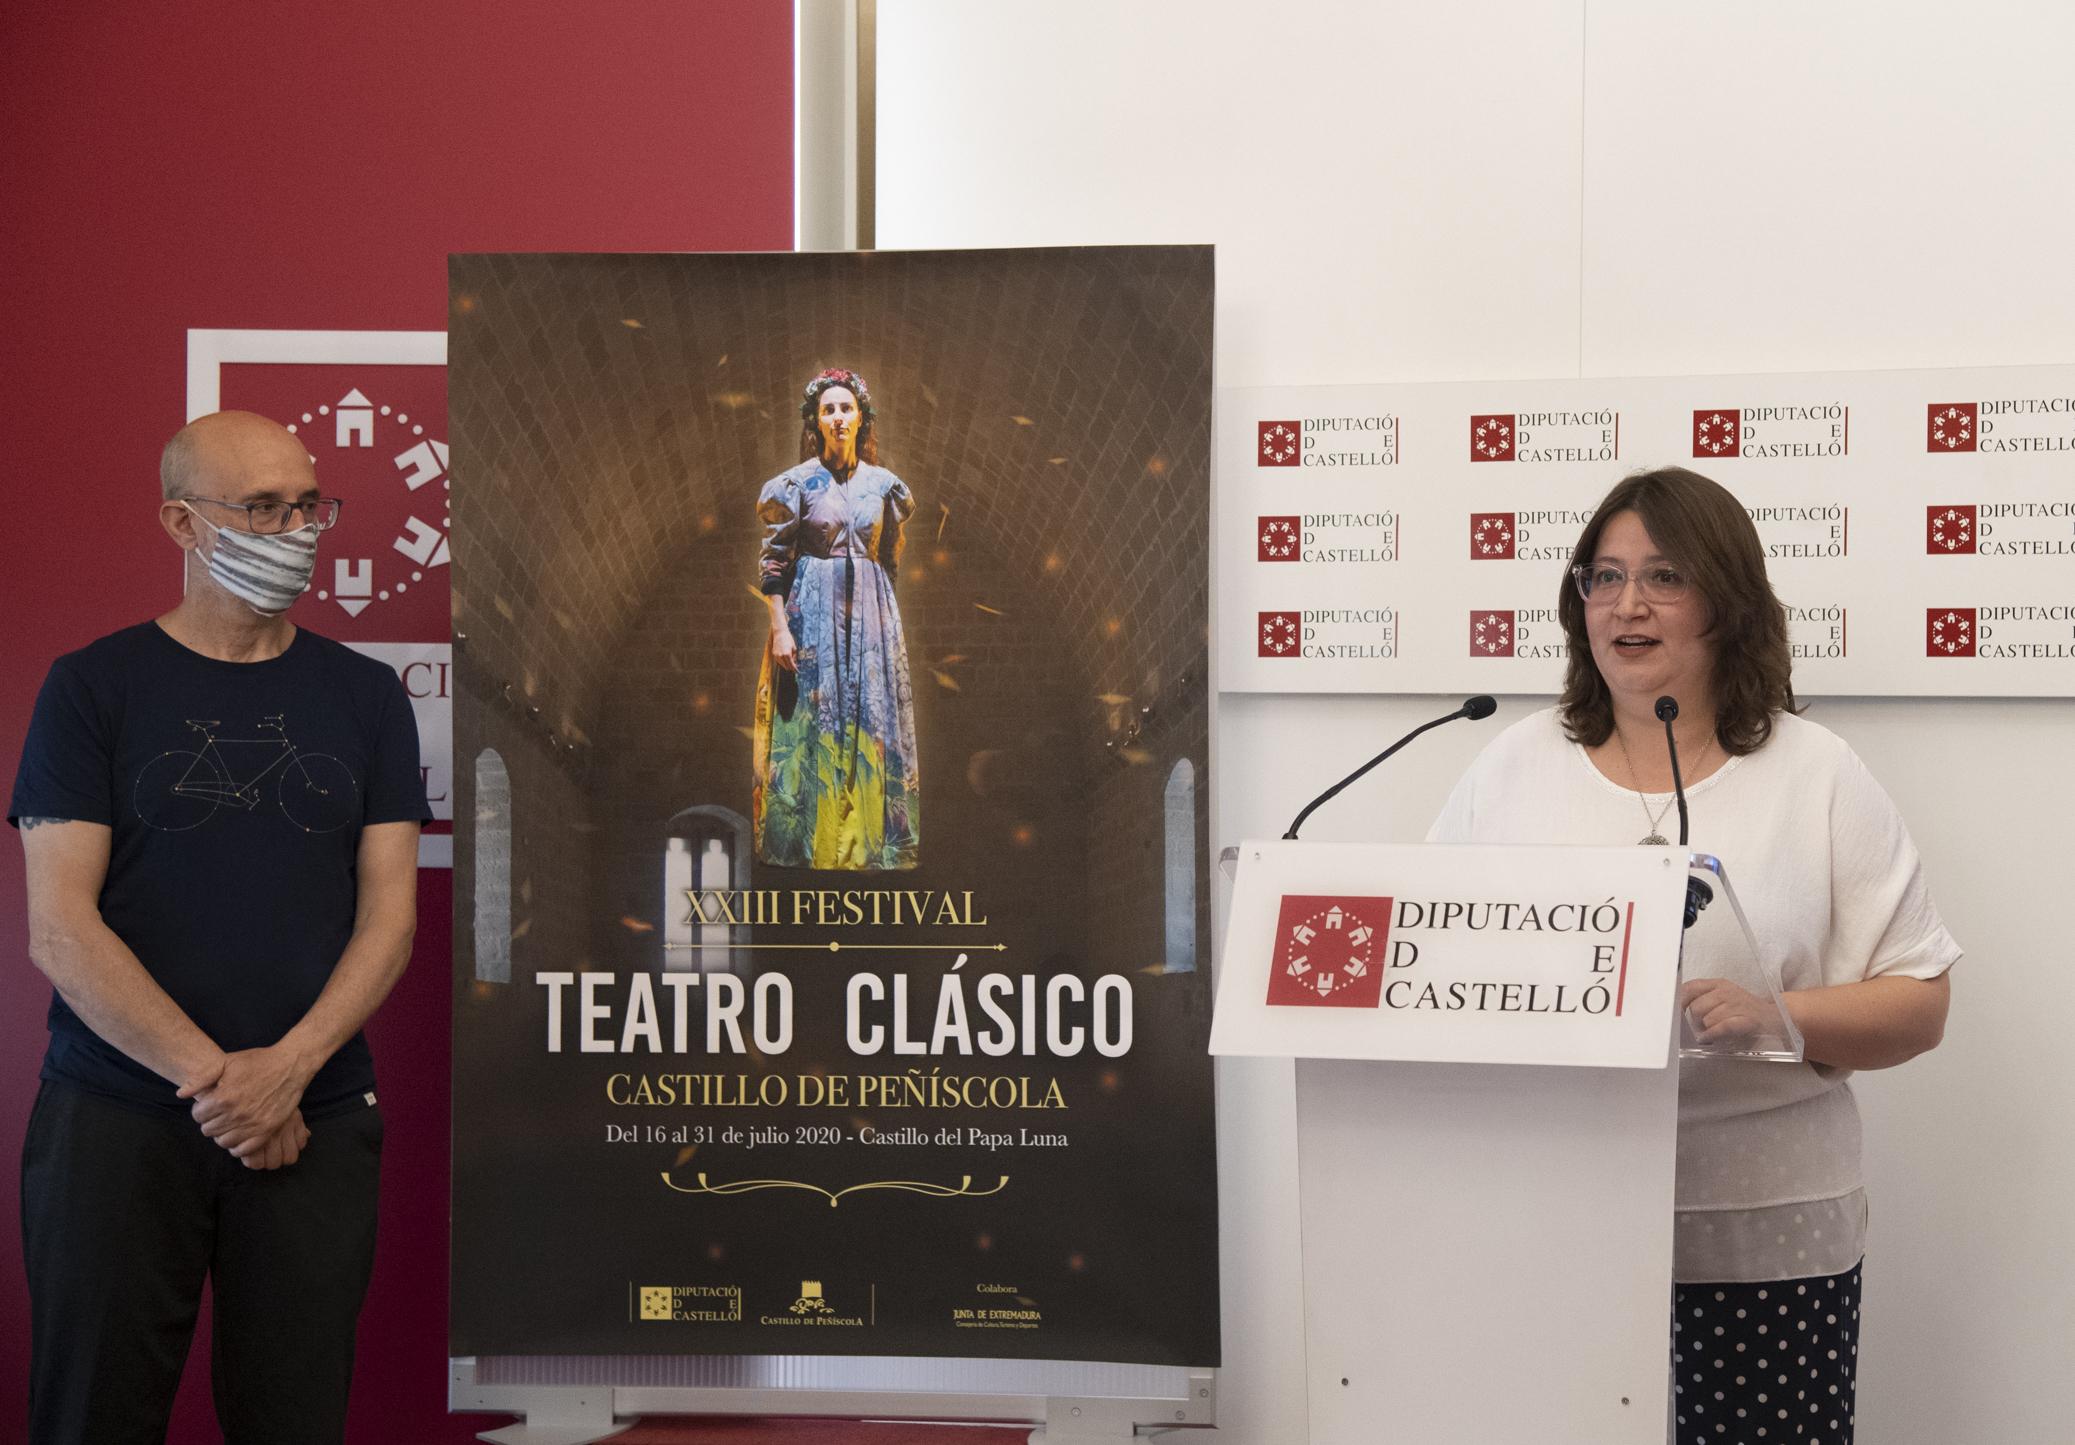 La Diputación presenta el XXIII Festival de Teatro Clásico de Peñíscola con ocho compañías referentes de toda España